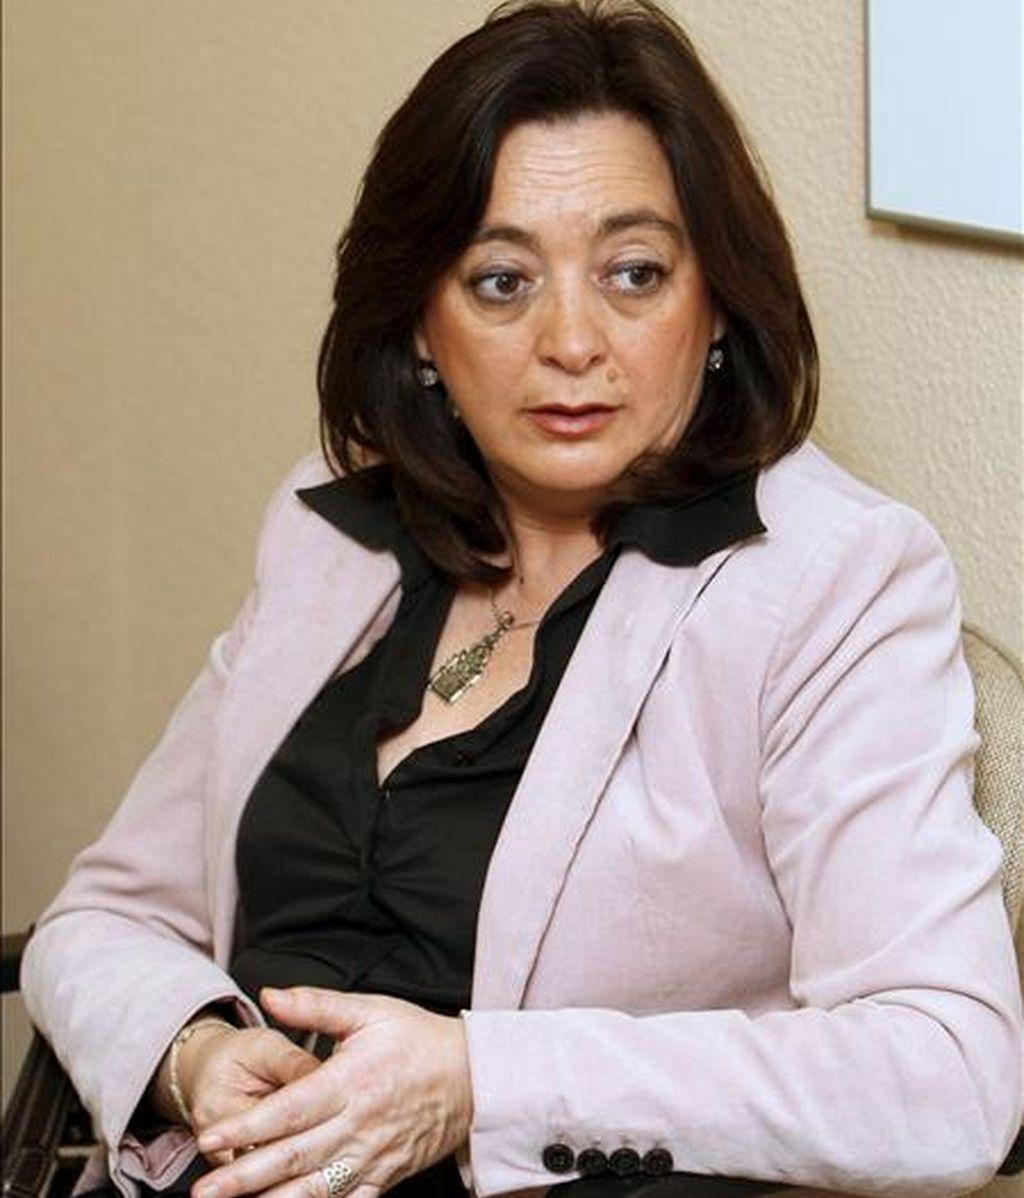 La secretaria de Política Institucional y Autonómica del PSOE, Mar Moreno, durante una entrevista a Efe. EFE/Archivo